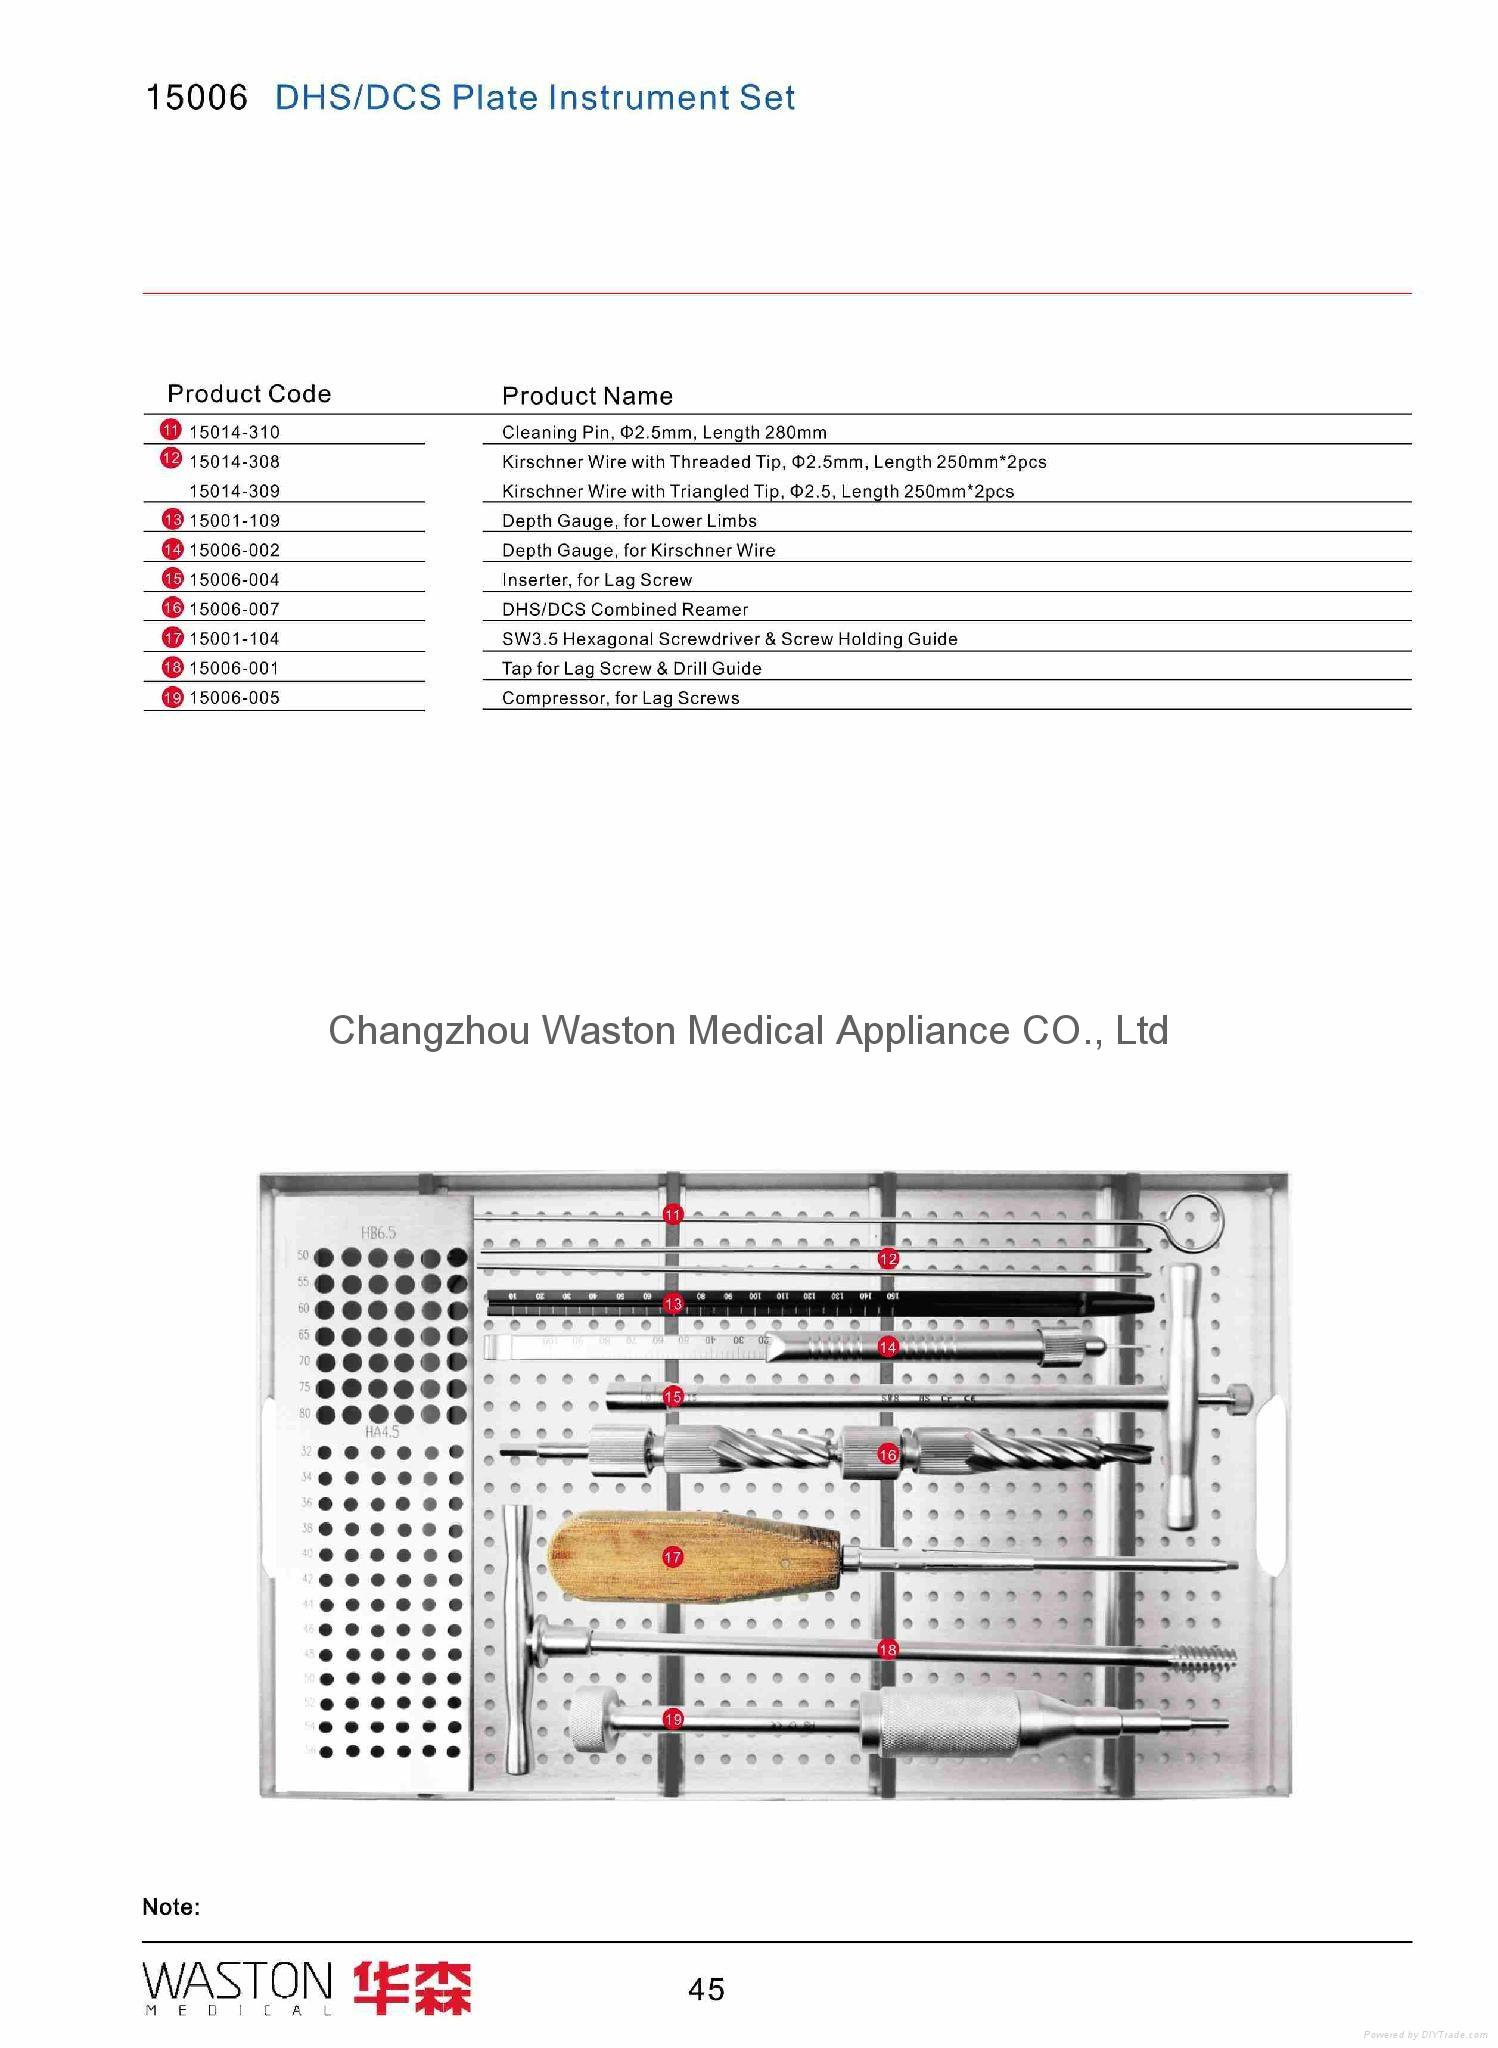 DCS/DHS鵝頭釘成套器械--骨科植入物、純鈦、創傷、醫用 2